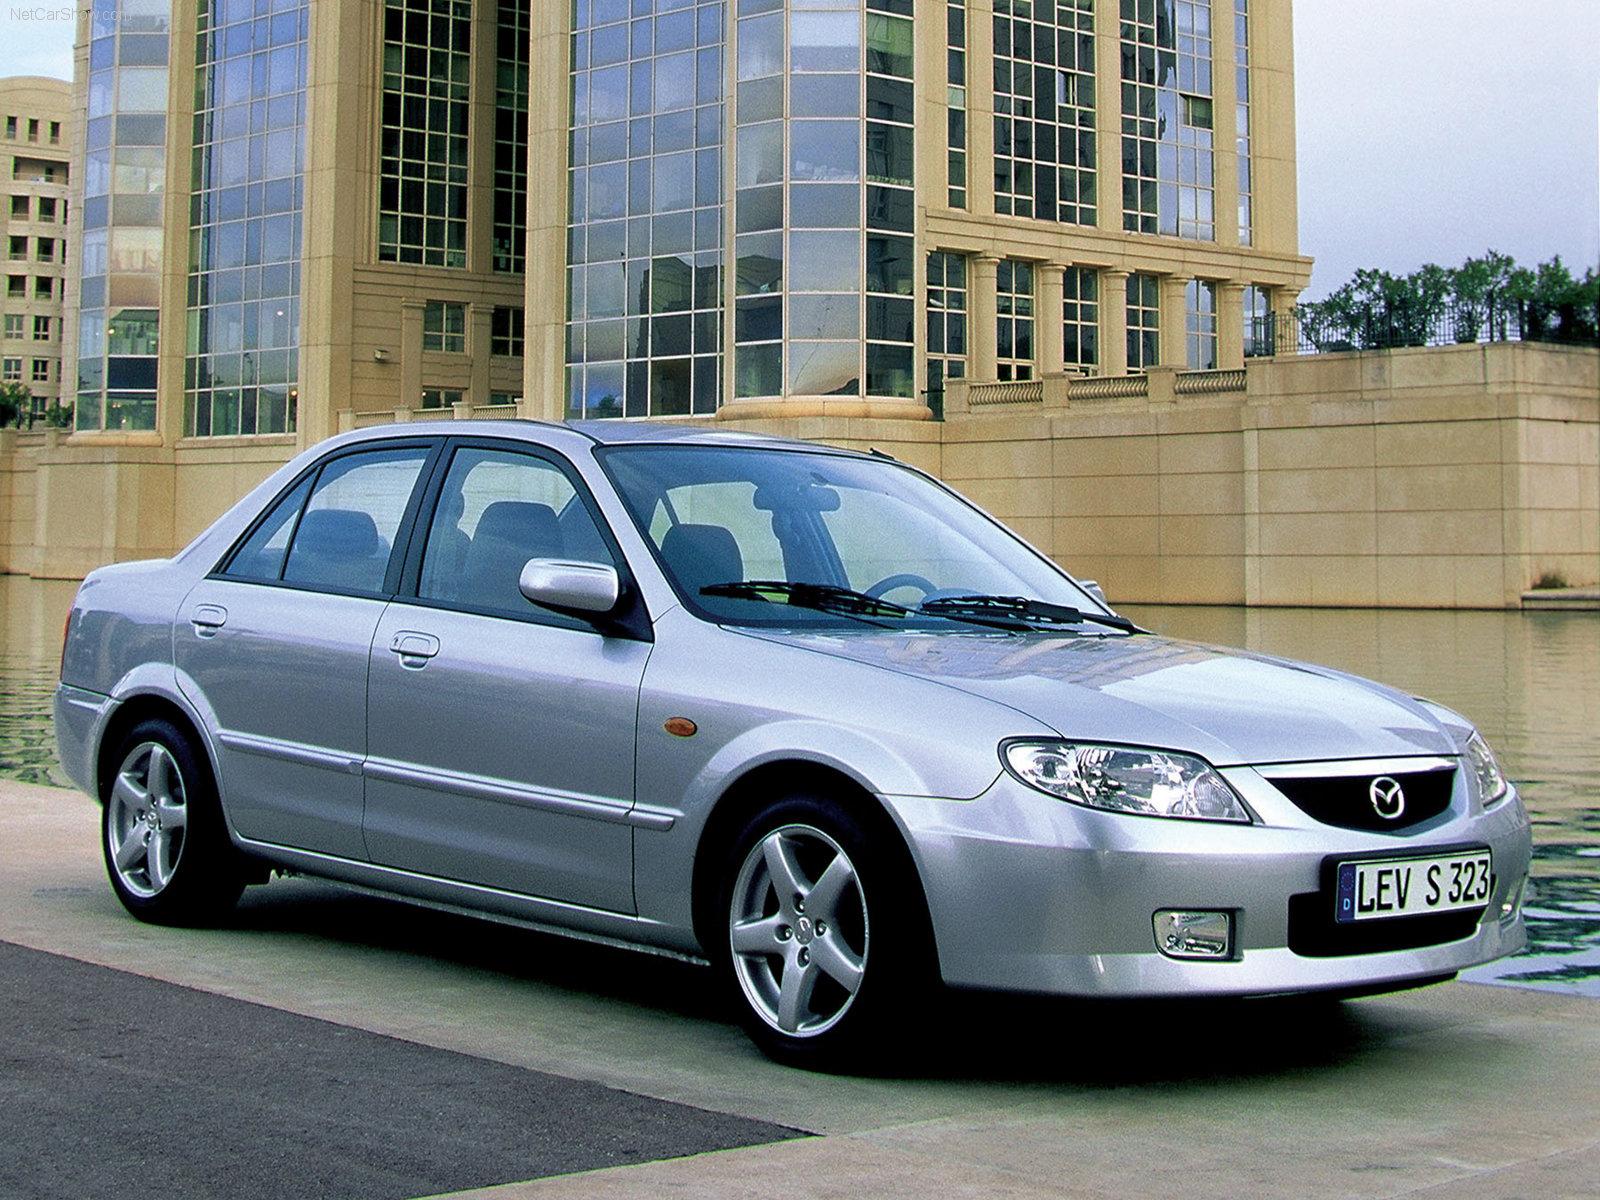 mazda 323 2000 model